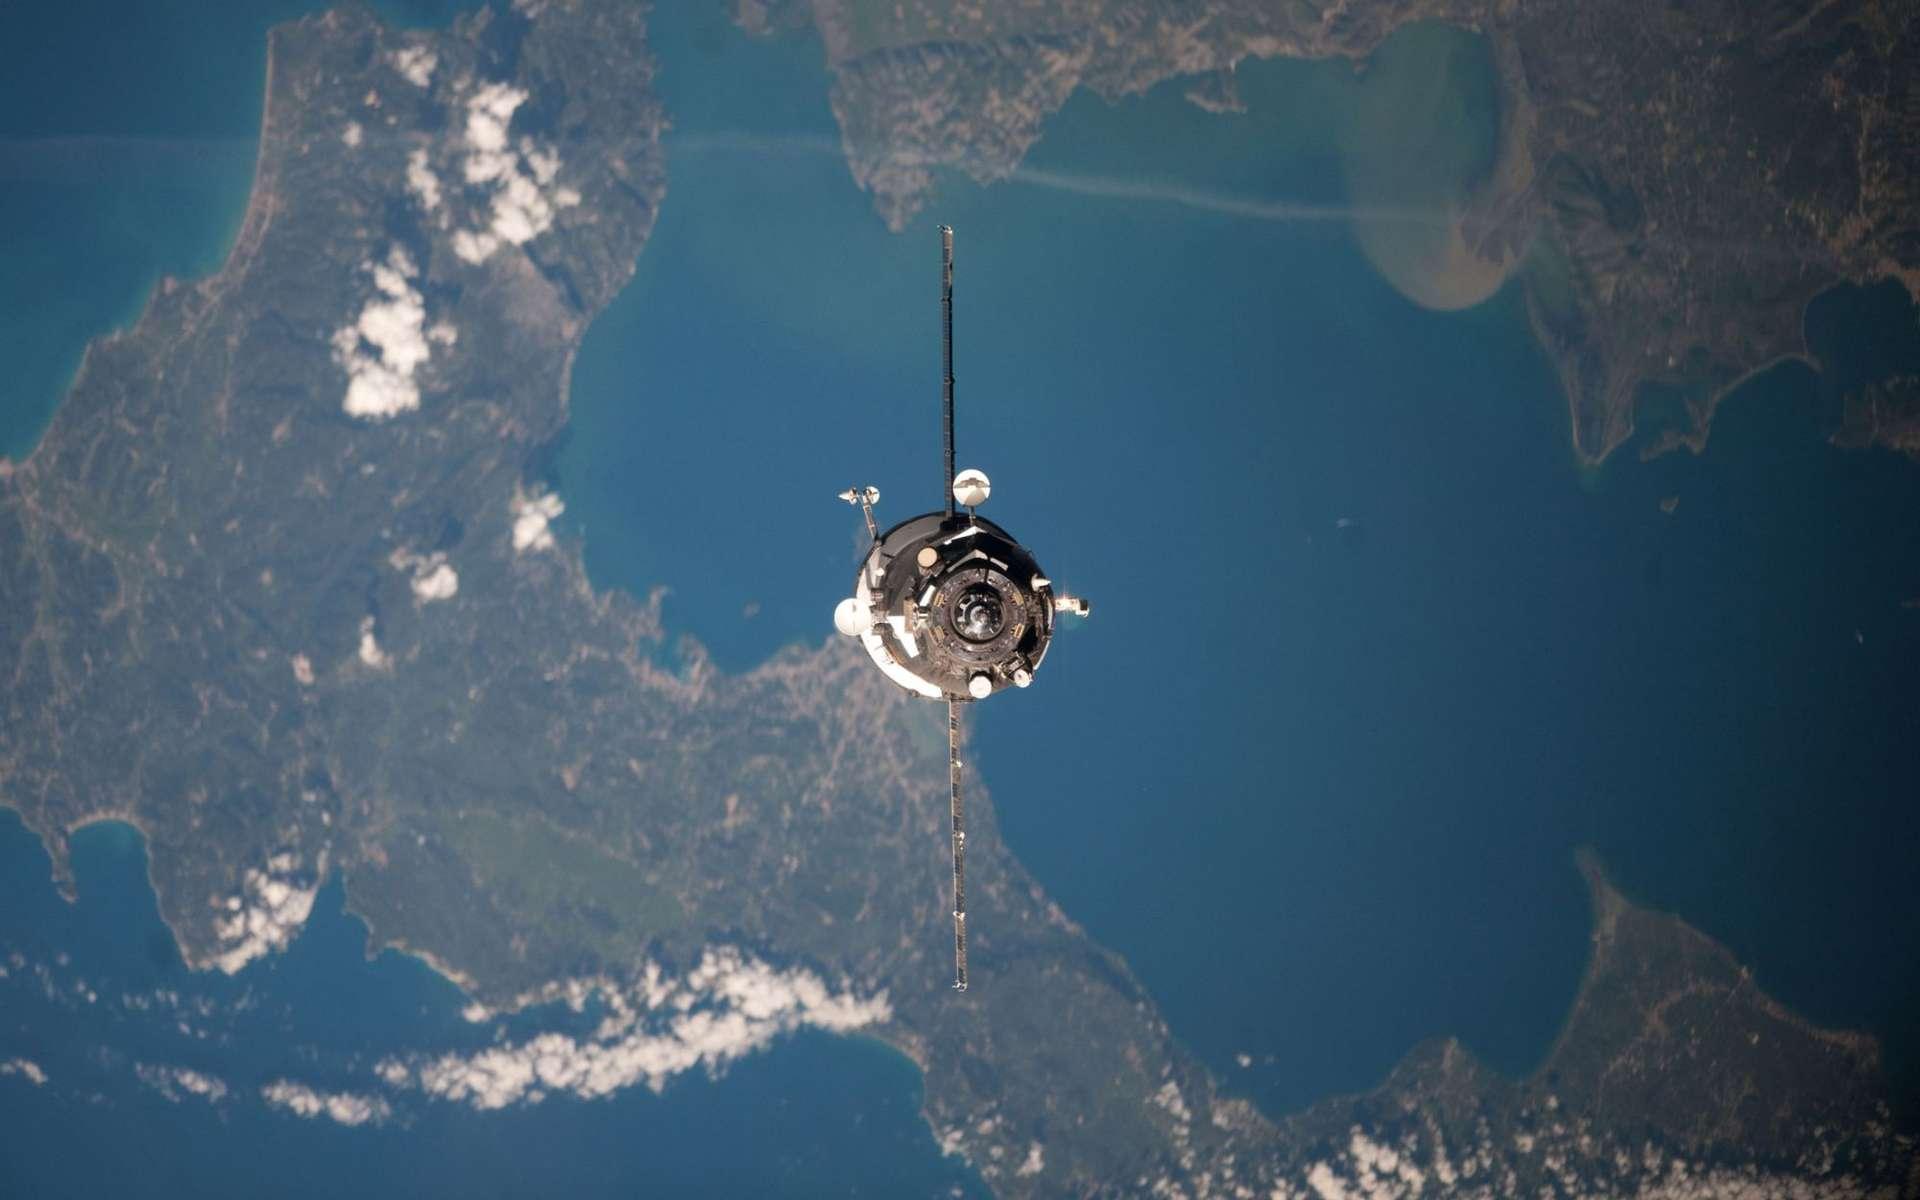 Les cargos Progress apportent environ 2,5 tonnes de fret à l'ISS. On voit ici la mission 47, en avril 2012, lors d'un essai d'un nouveau système d'amarrage, qui n'avait pas fonctionné, l'ancien système ayant pu ensuite réaliser le « docking ». Trois ans plus tard, la mission 59 échoue sans avoir pu atteindre la Station. © Nasa